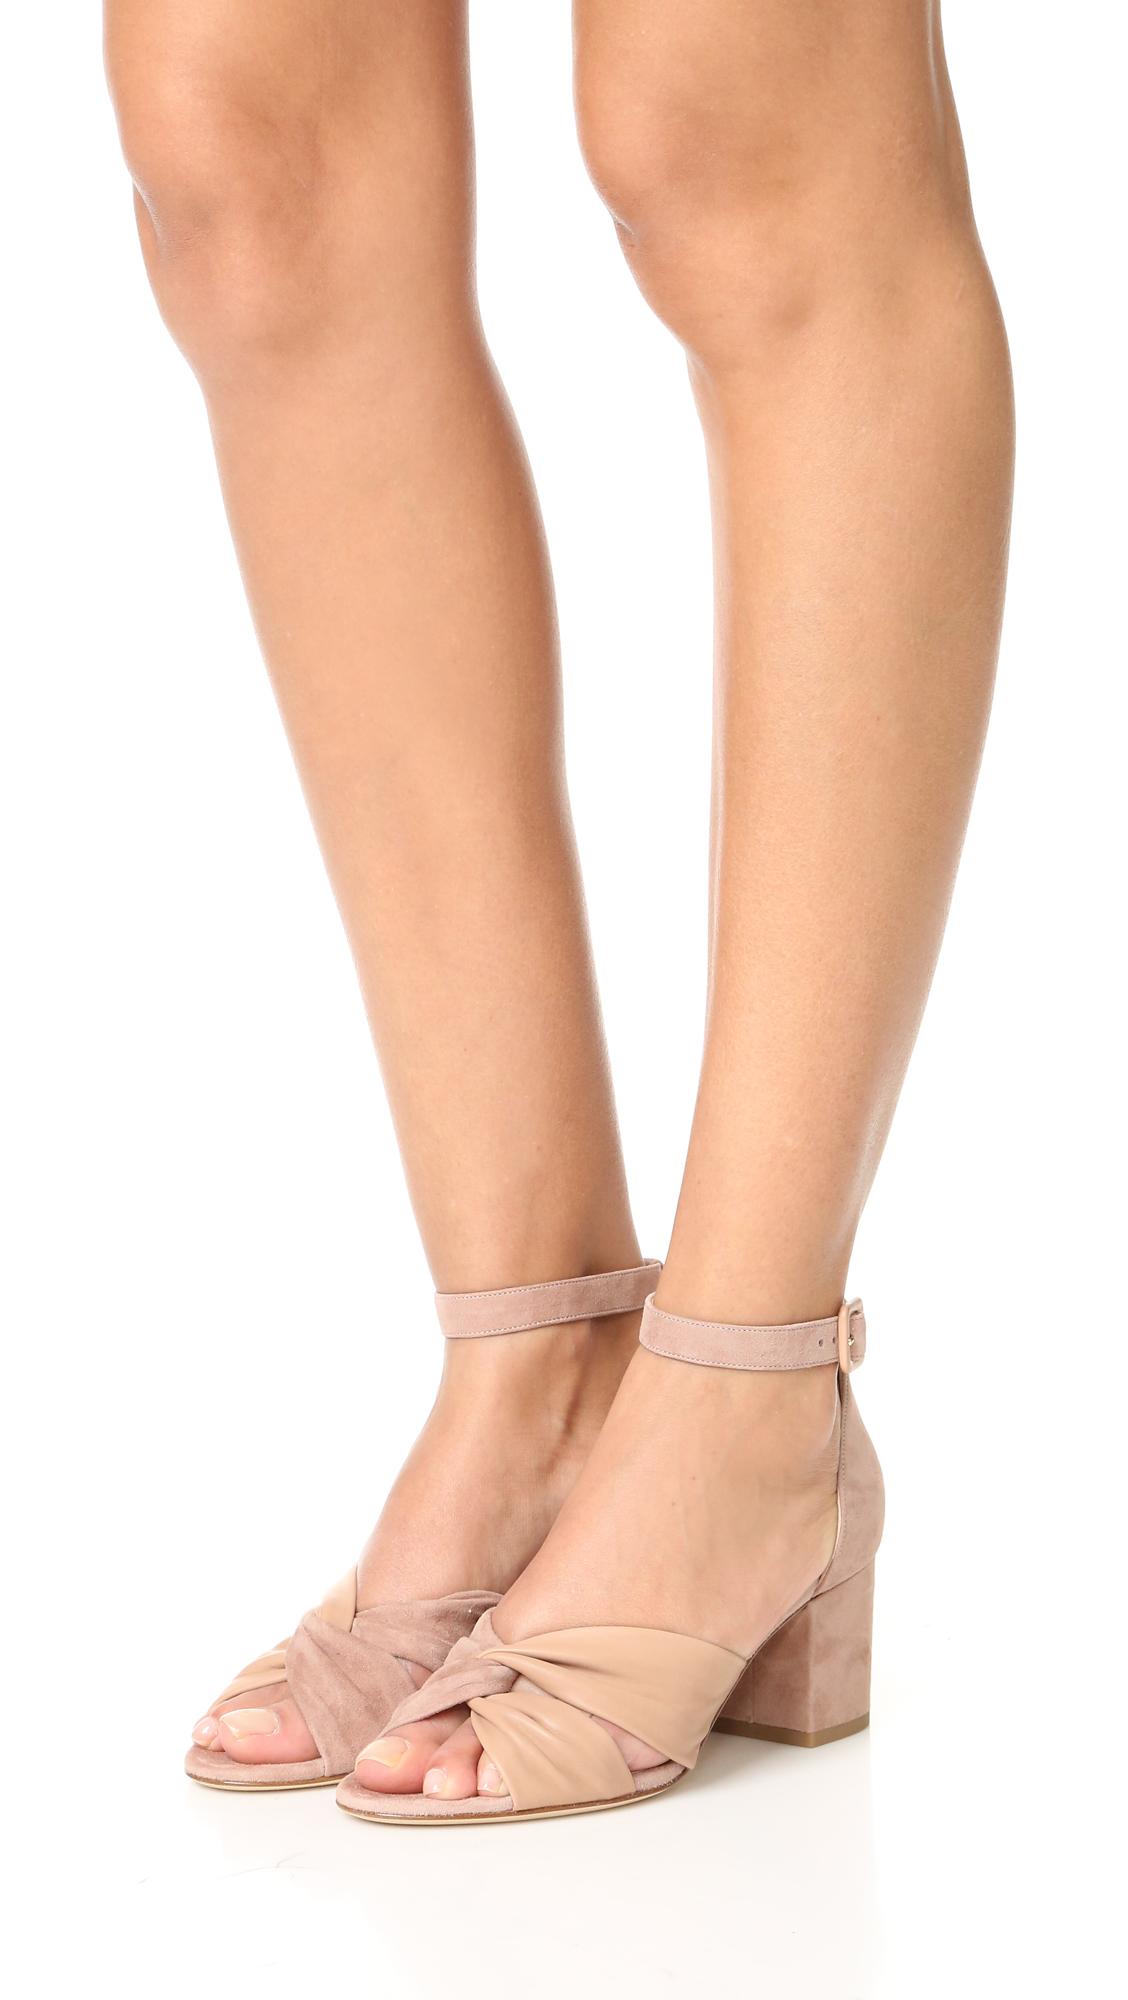 Diane von Furstenberg Pasadena Suede Sandals cheap sale best store to get discount sast buy cheap geniue stockist egDm1